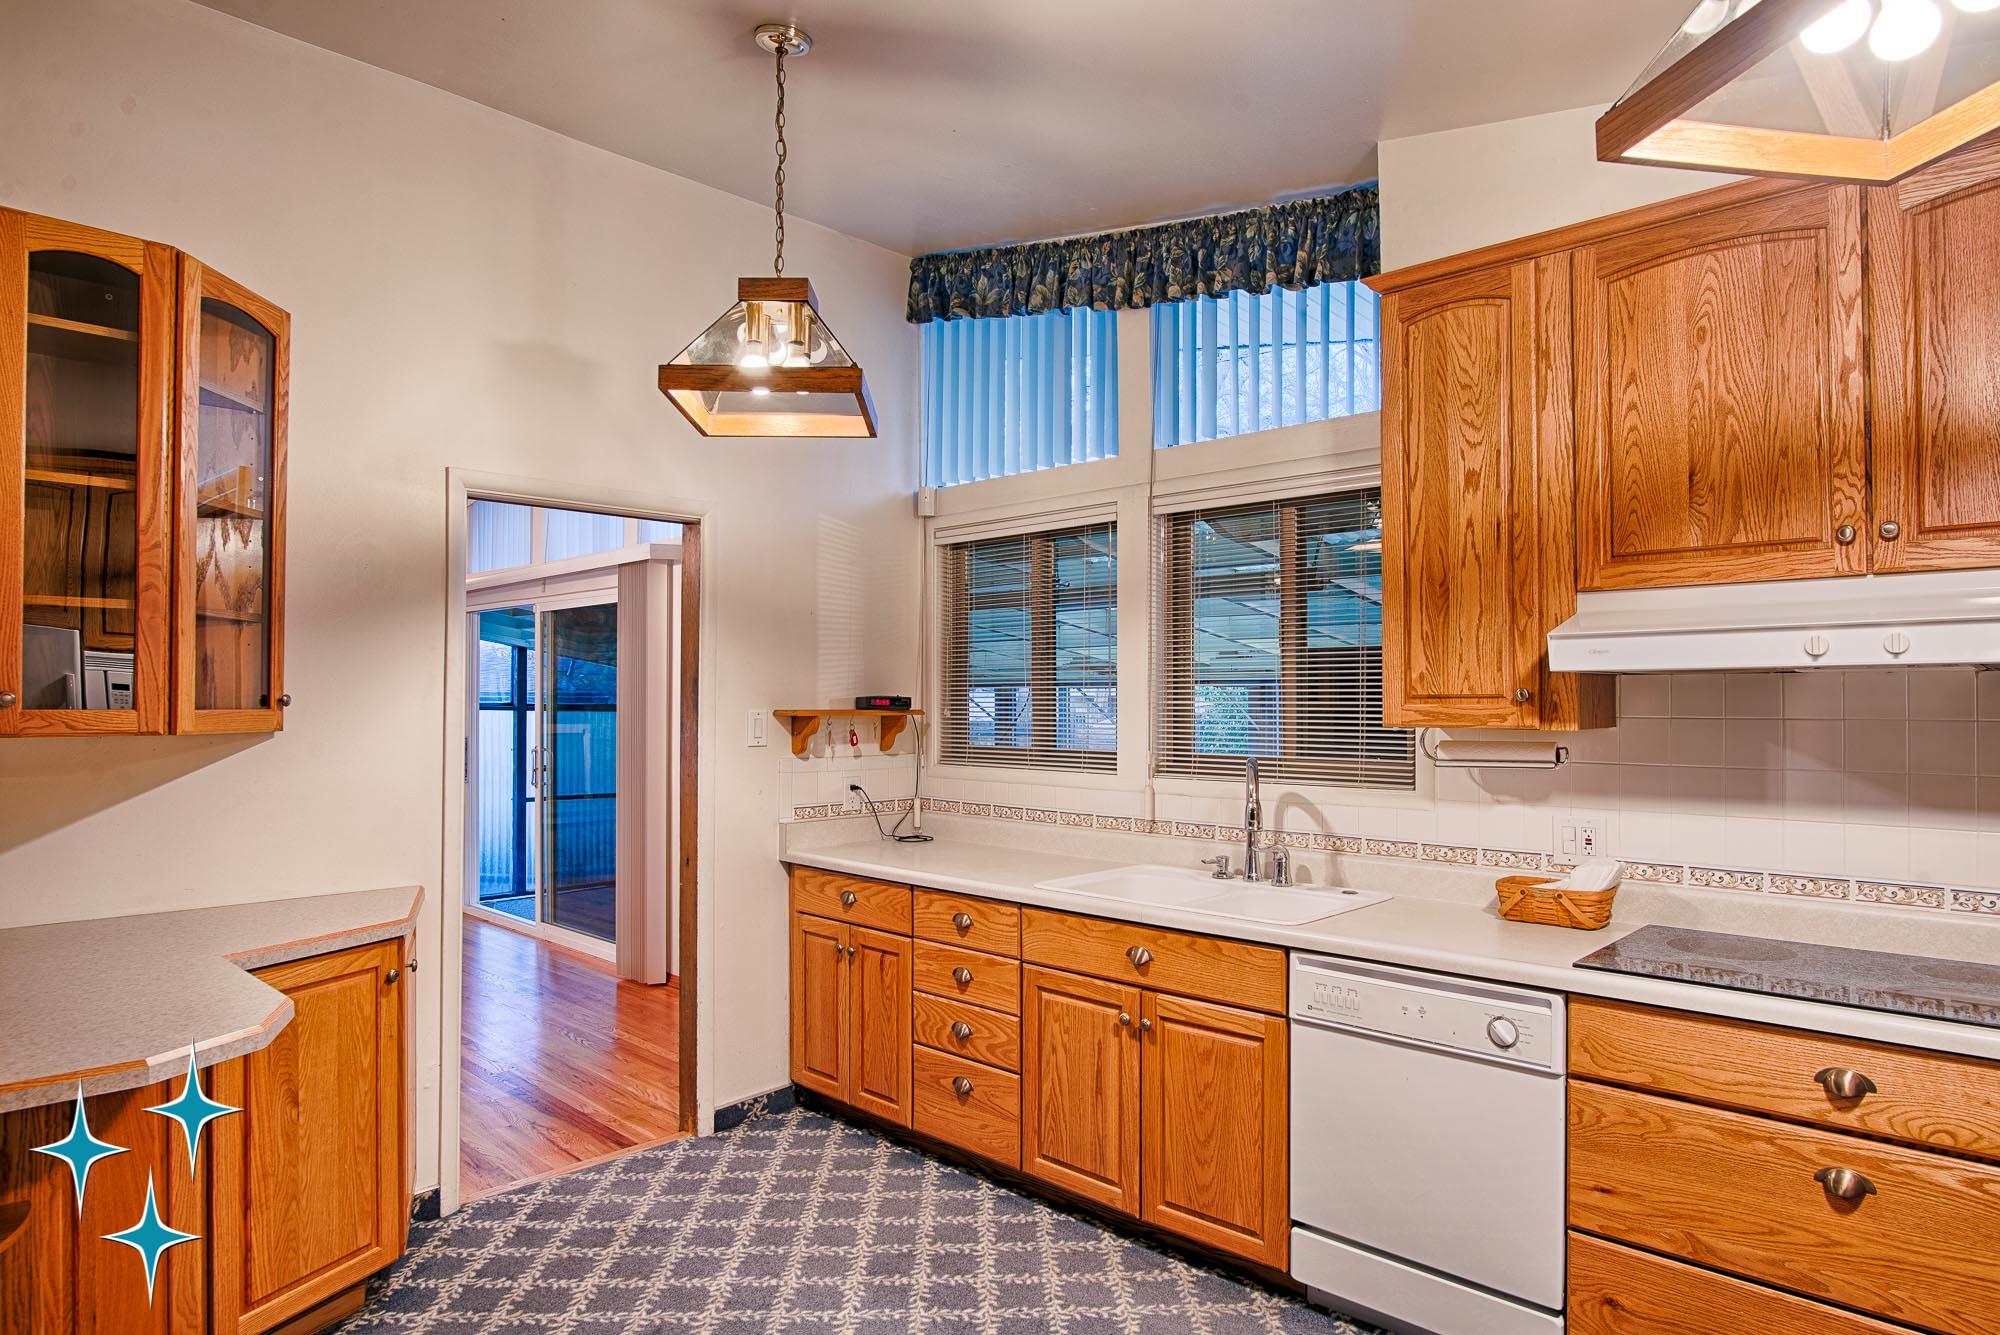 Adrian-Kinney-4155-W-Iliff-Avenue-Denver-r-Carey-Holiday-Home-2000w50-3SWM-10.jpg